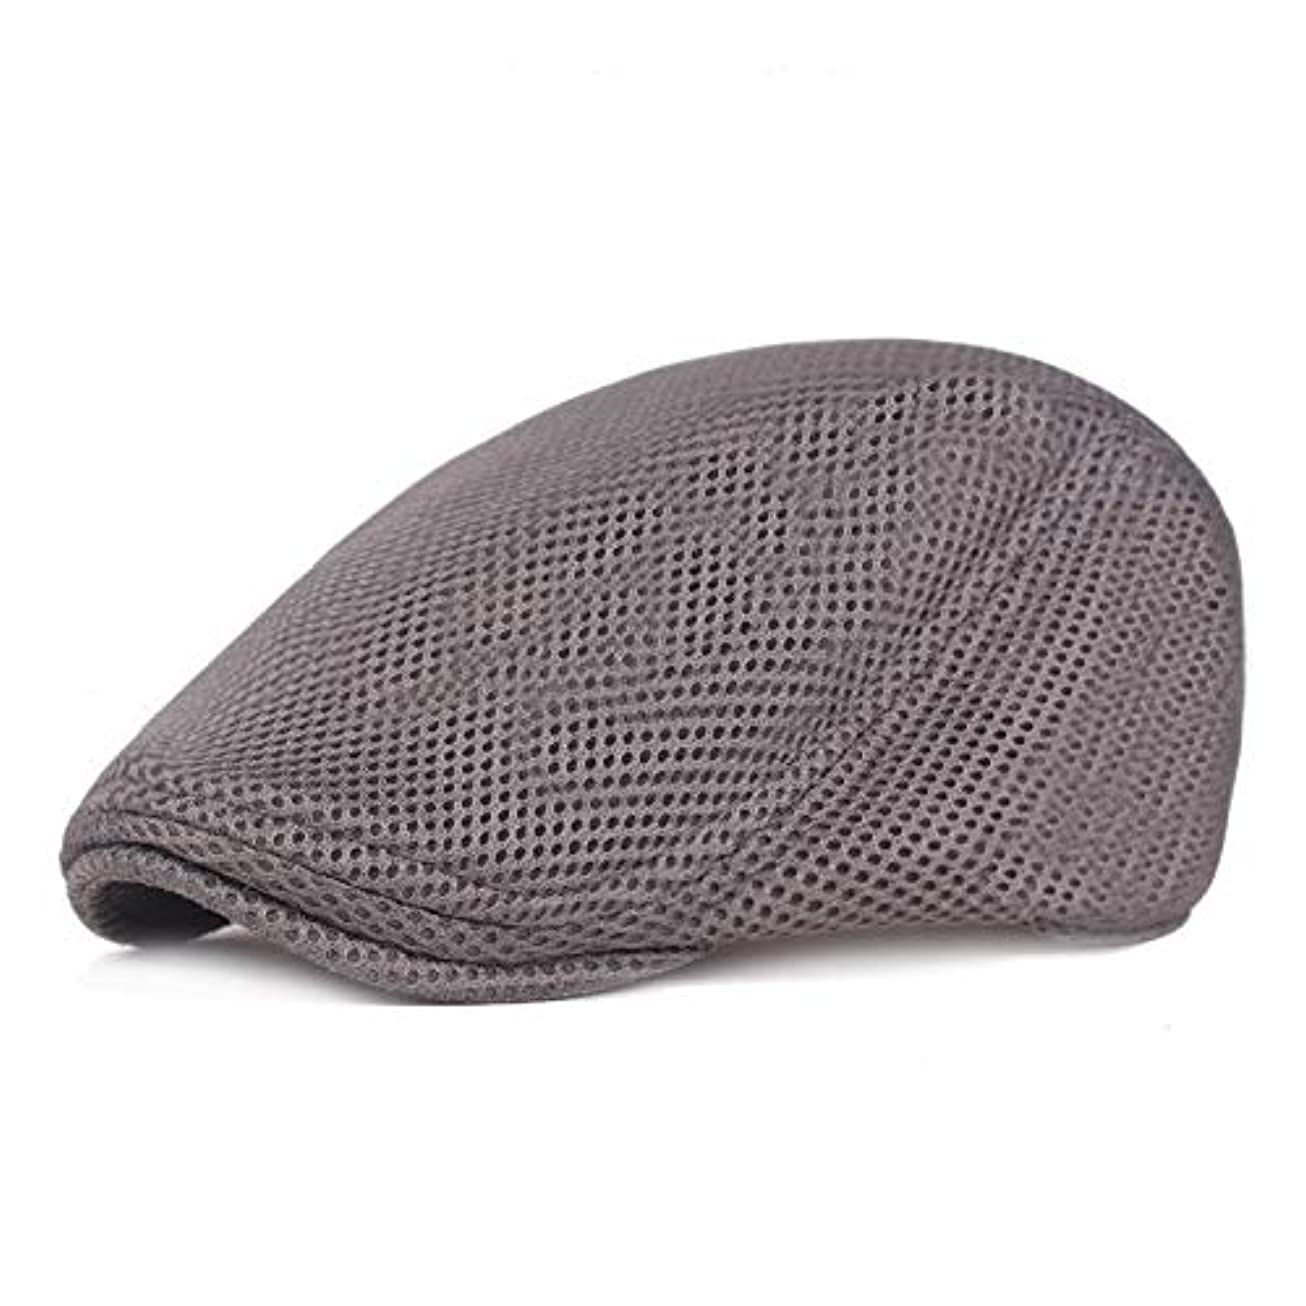 ボイド失速億メッシュ ハンチング キャップ 夏用 綿 ベレー帽 調整可能ワークキャップ アウトドアキャップ 男女兼用